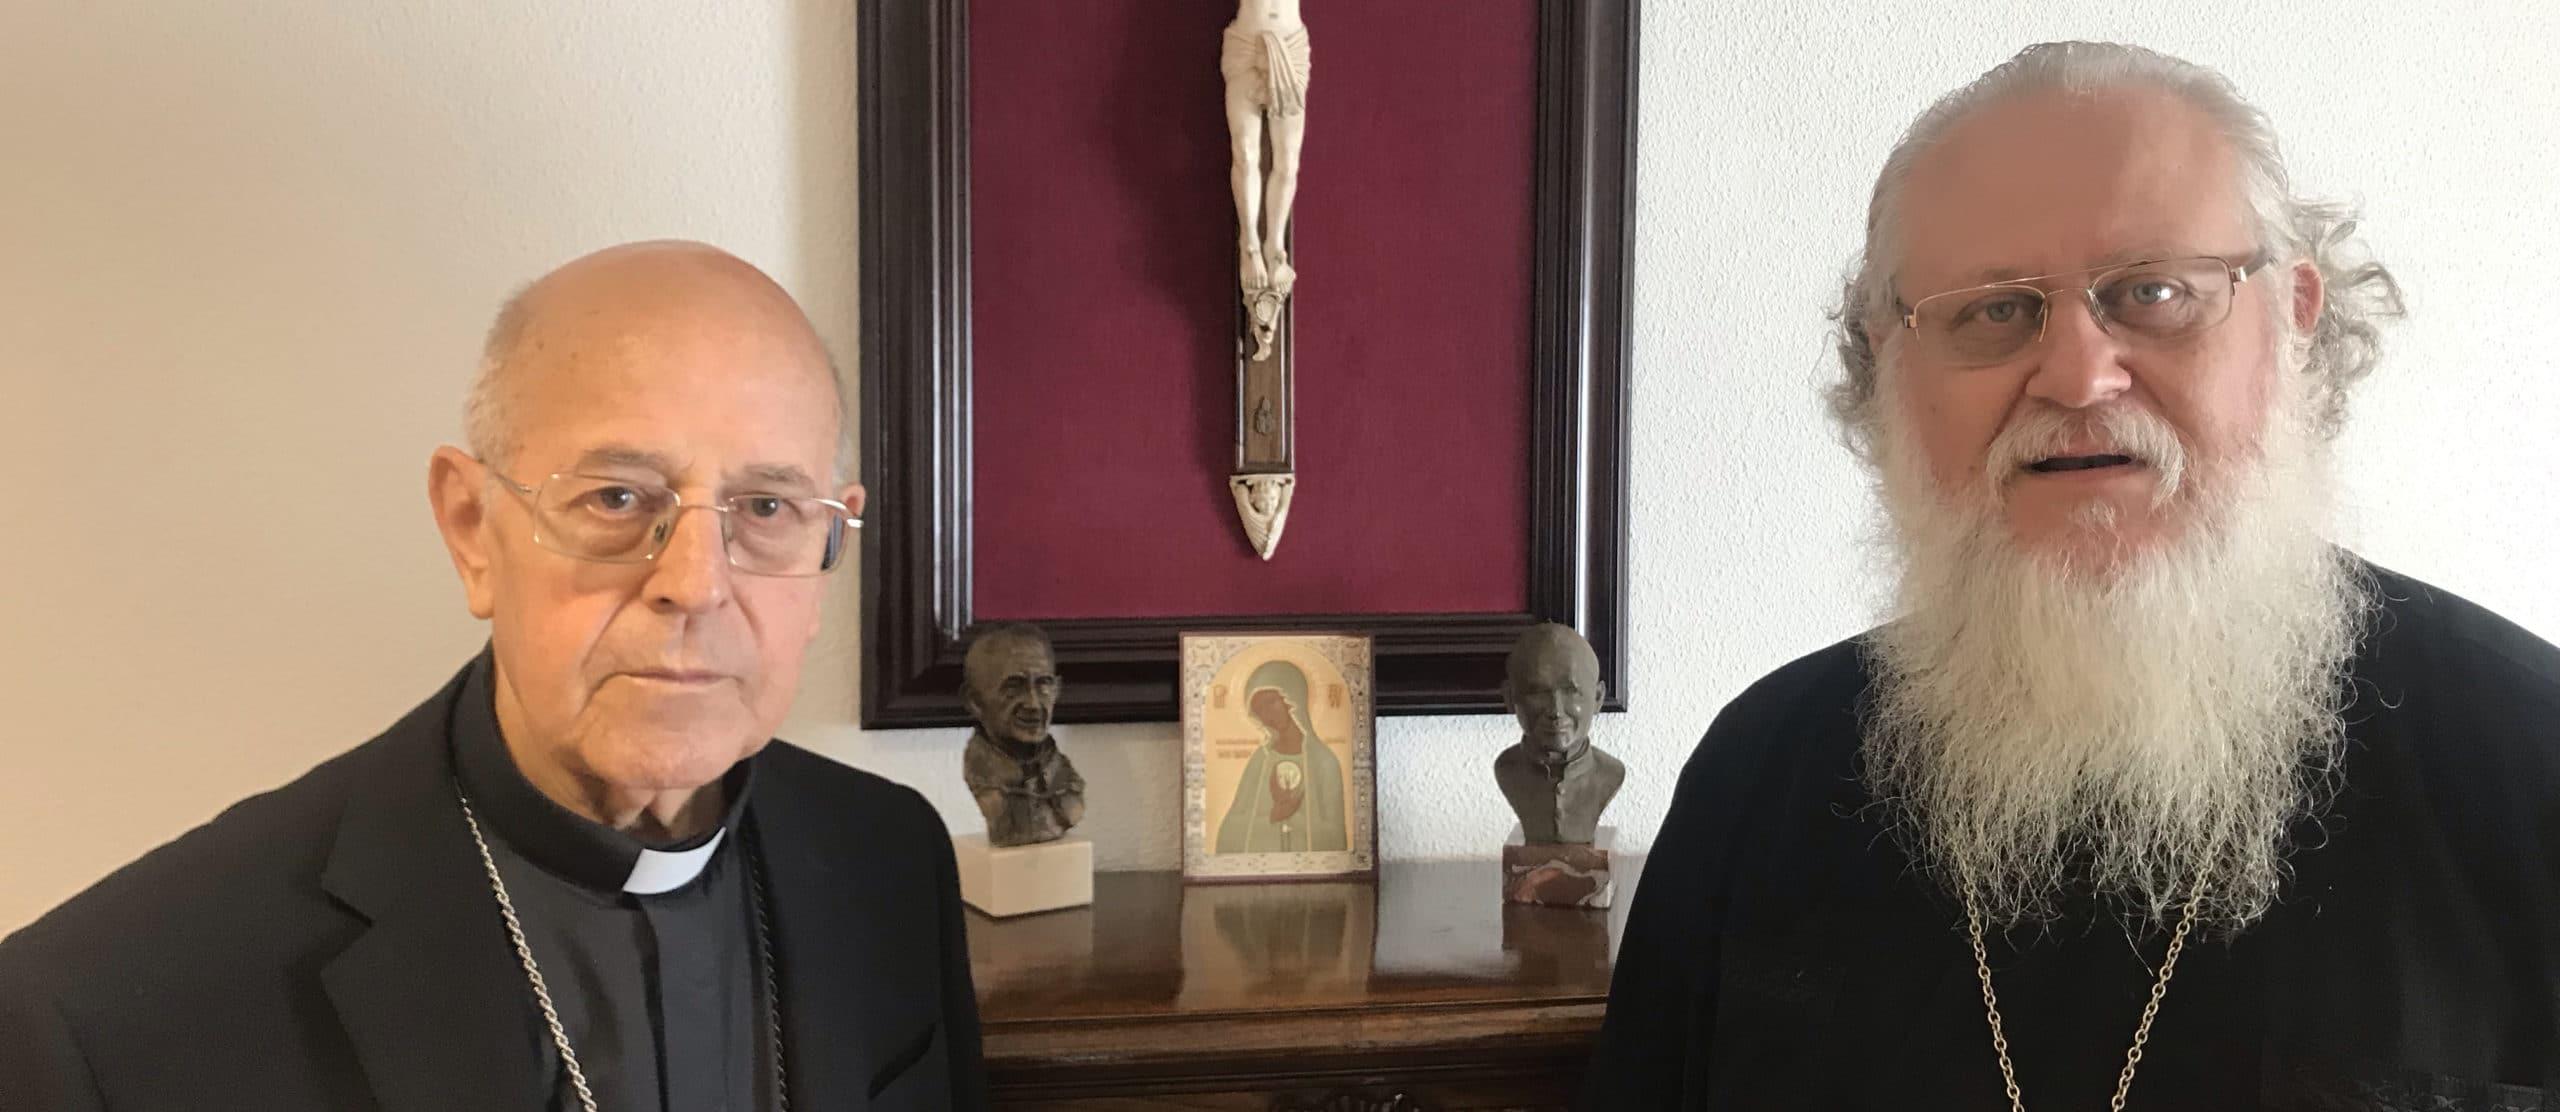 Padre Aleksandr, impulsor del proyecto, con el Cardenal Blázquez, presidente de la Conferencia Episcopal Española.